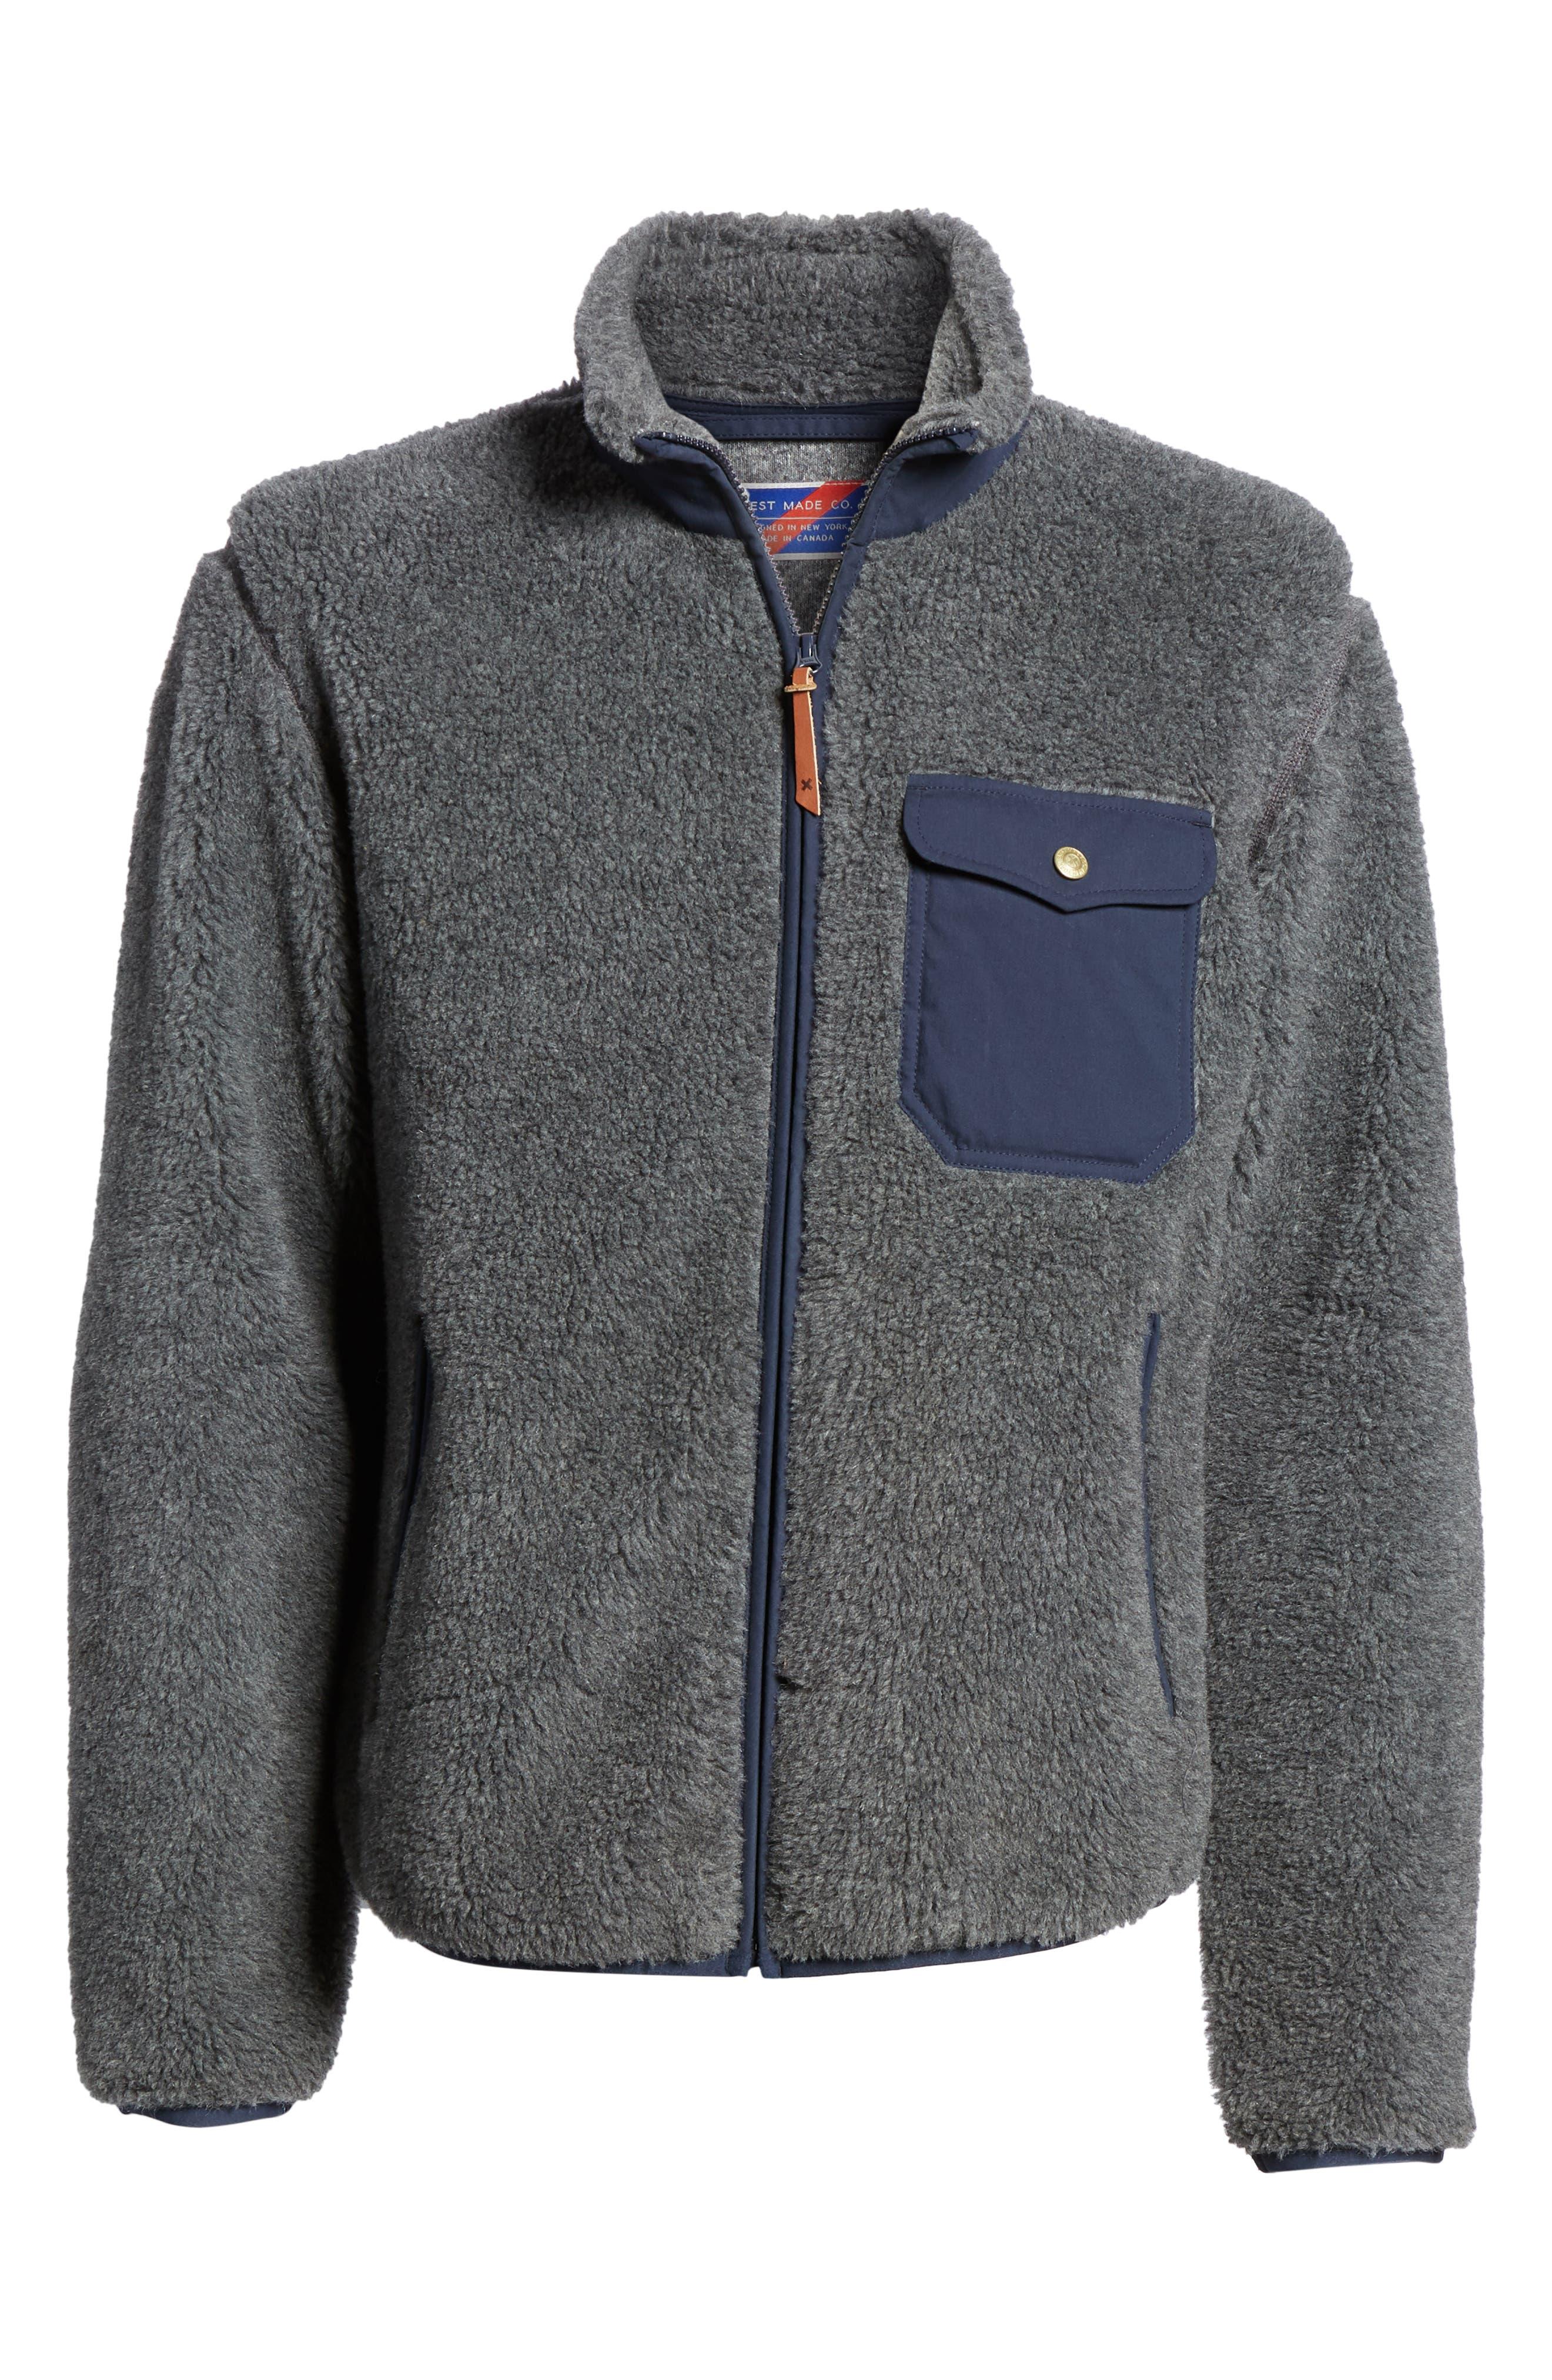 Best Made Co. The Wool Fleece Jacket, Grey